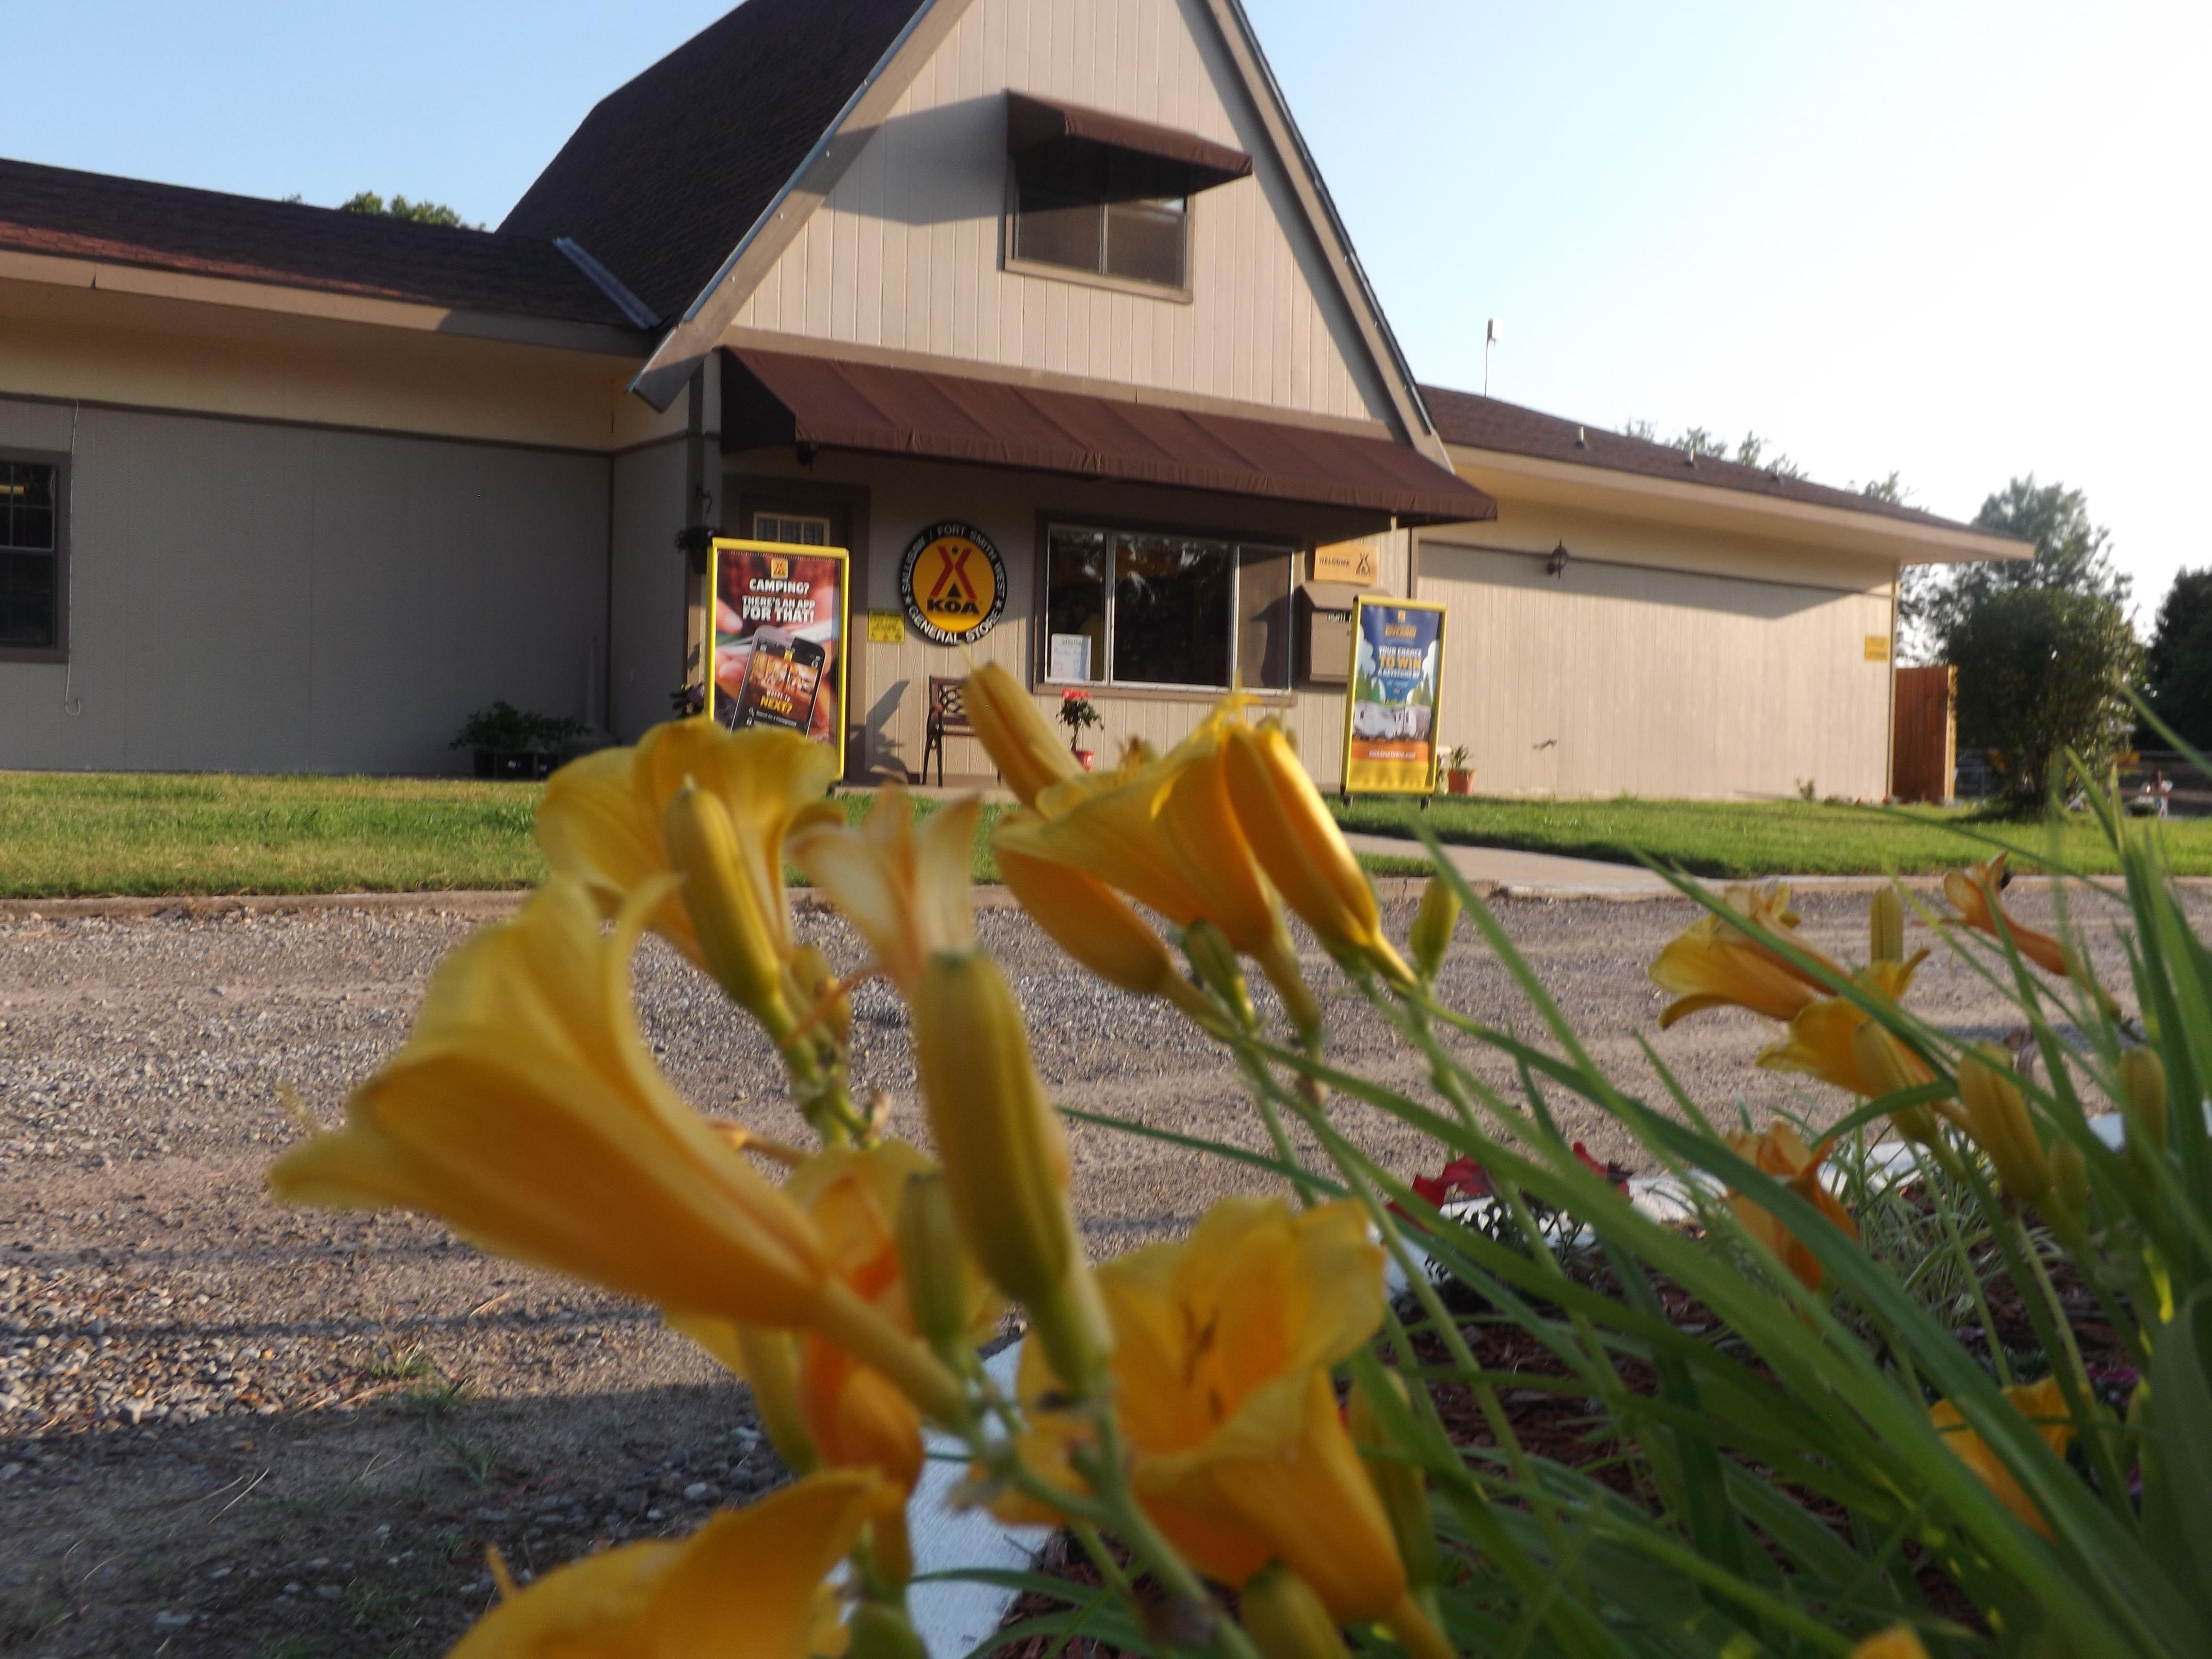 Sallisaw / Fort Smith West KOA Holiday image 21